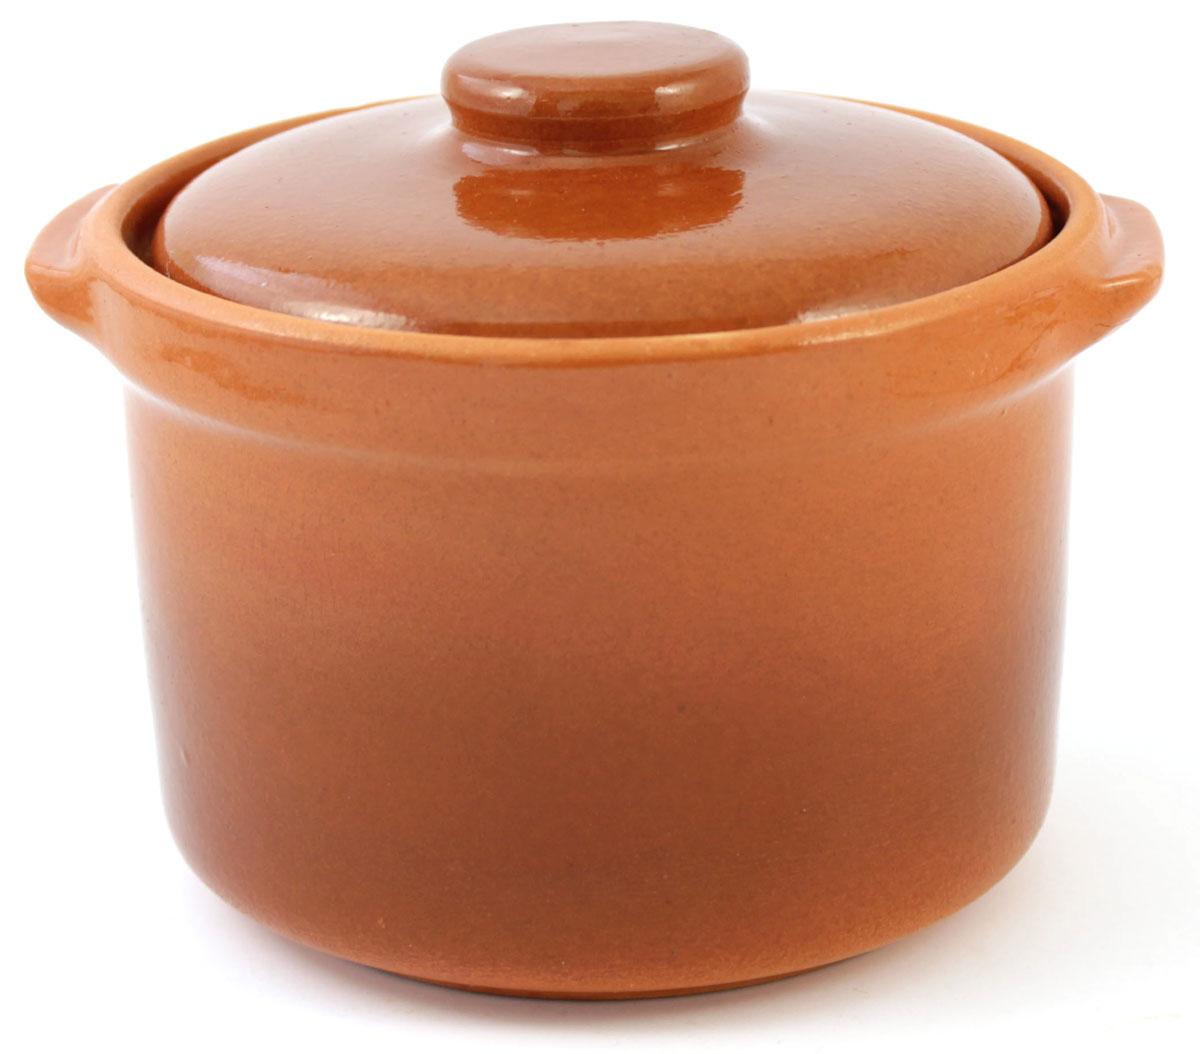 Кастрюля керамическая Ломоносовская керамика с крышкой, цвет: коричневый, 600 мл1ГС3-4Кастрюля Ломоносовская керамика выполнена из высококачественной глины. Покрытие абсолютно безопасно для здоровья, не содержит вредных веществ. Кастрюля оснащена удобными боковыми ручками и керамической крышкой. Она плотно прилегает к краям посуды, сохраняя аромат блюд.